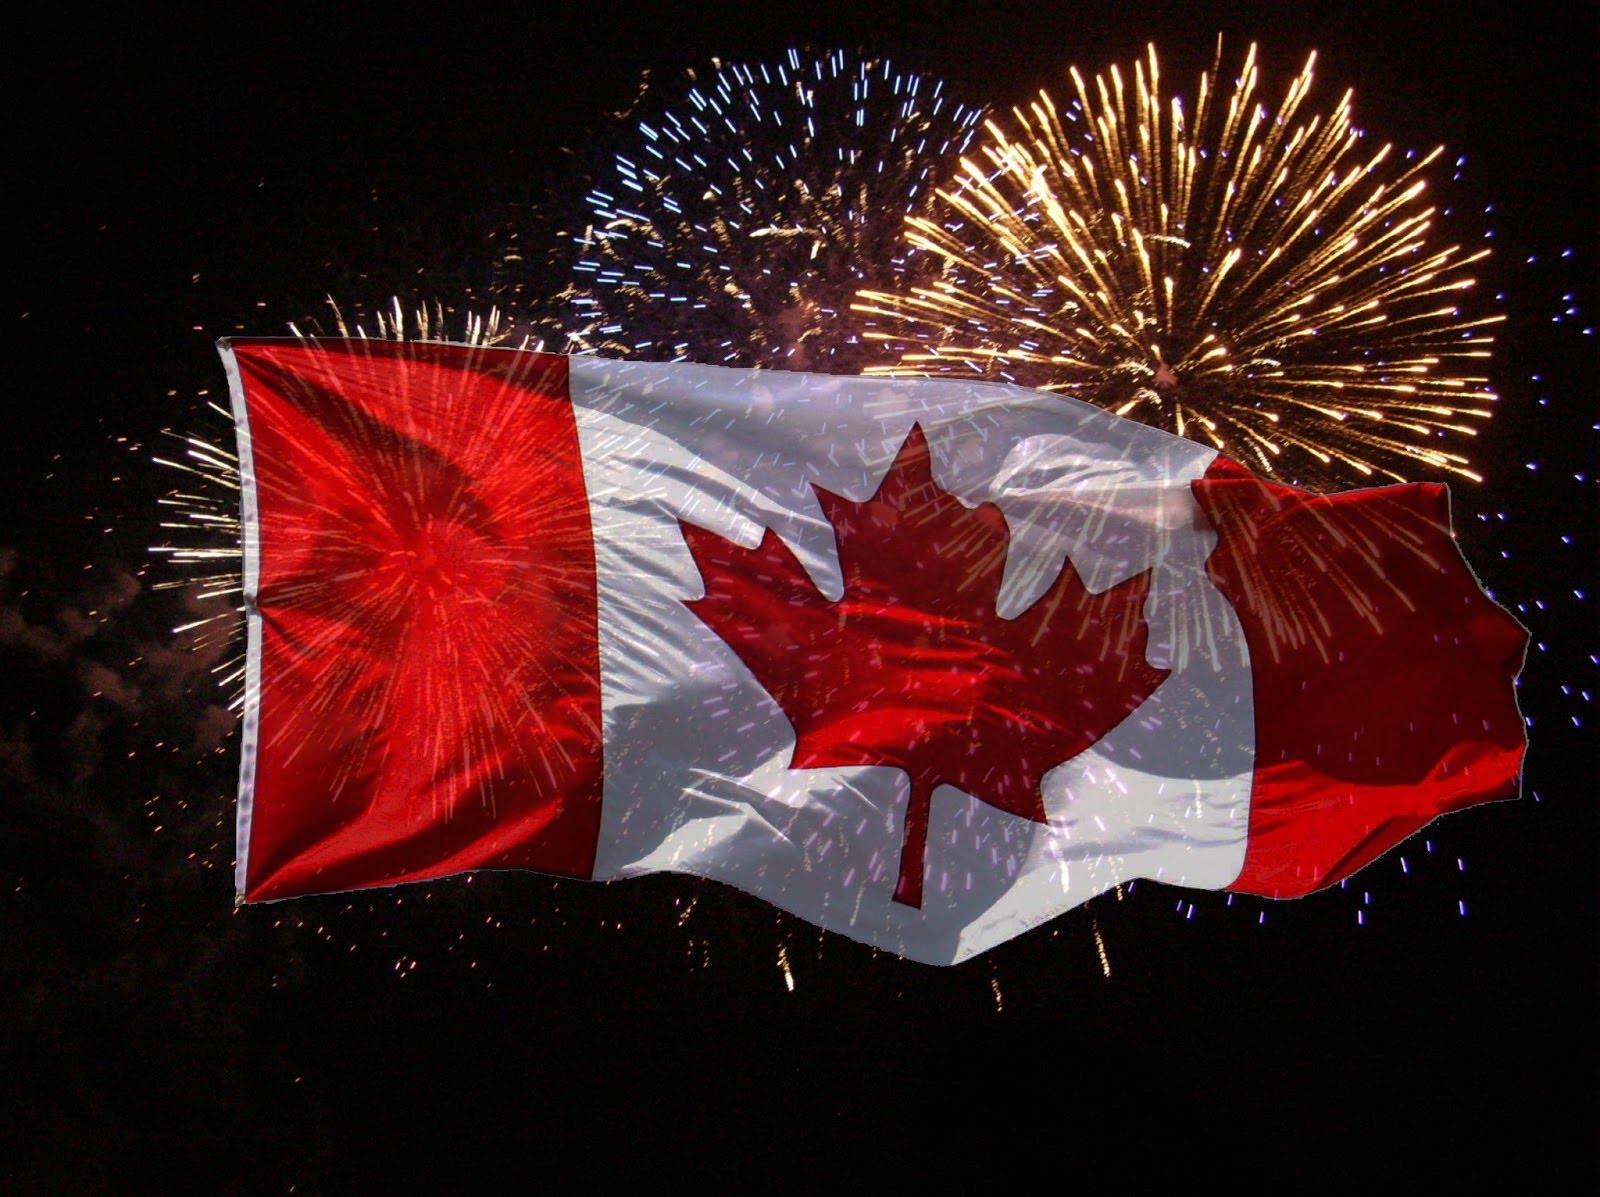 Tôi Muốn Các Con Tôi Trở Thành Công Dân Canada Và Được Hưởng Các Phúc Lợi Từ Nền Giáo Dục Và Y Tế Tuyệt Vời Của Canada. Tuy Nhiên, Điều Này Có Nghĩa Là Tôi Phải Hi Sinh Tất Cả Những Gì Tôi Đang Có Tại Việt Nam Và Chuyển Đến Canada?